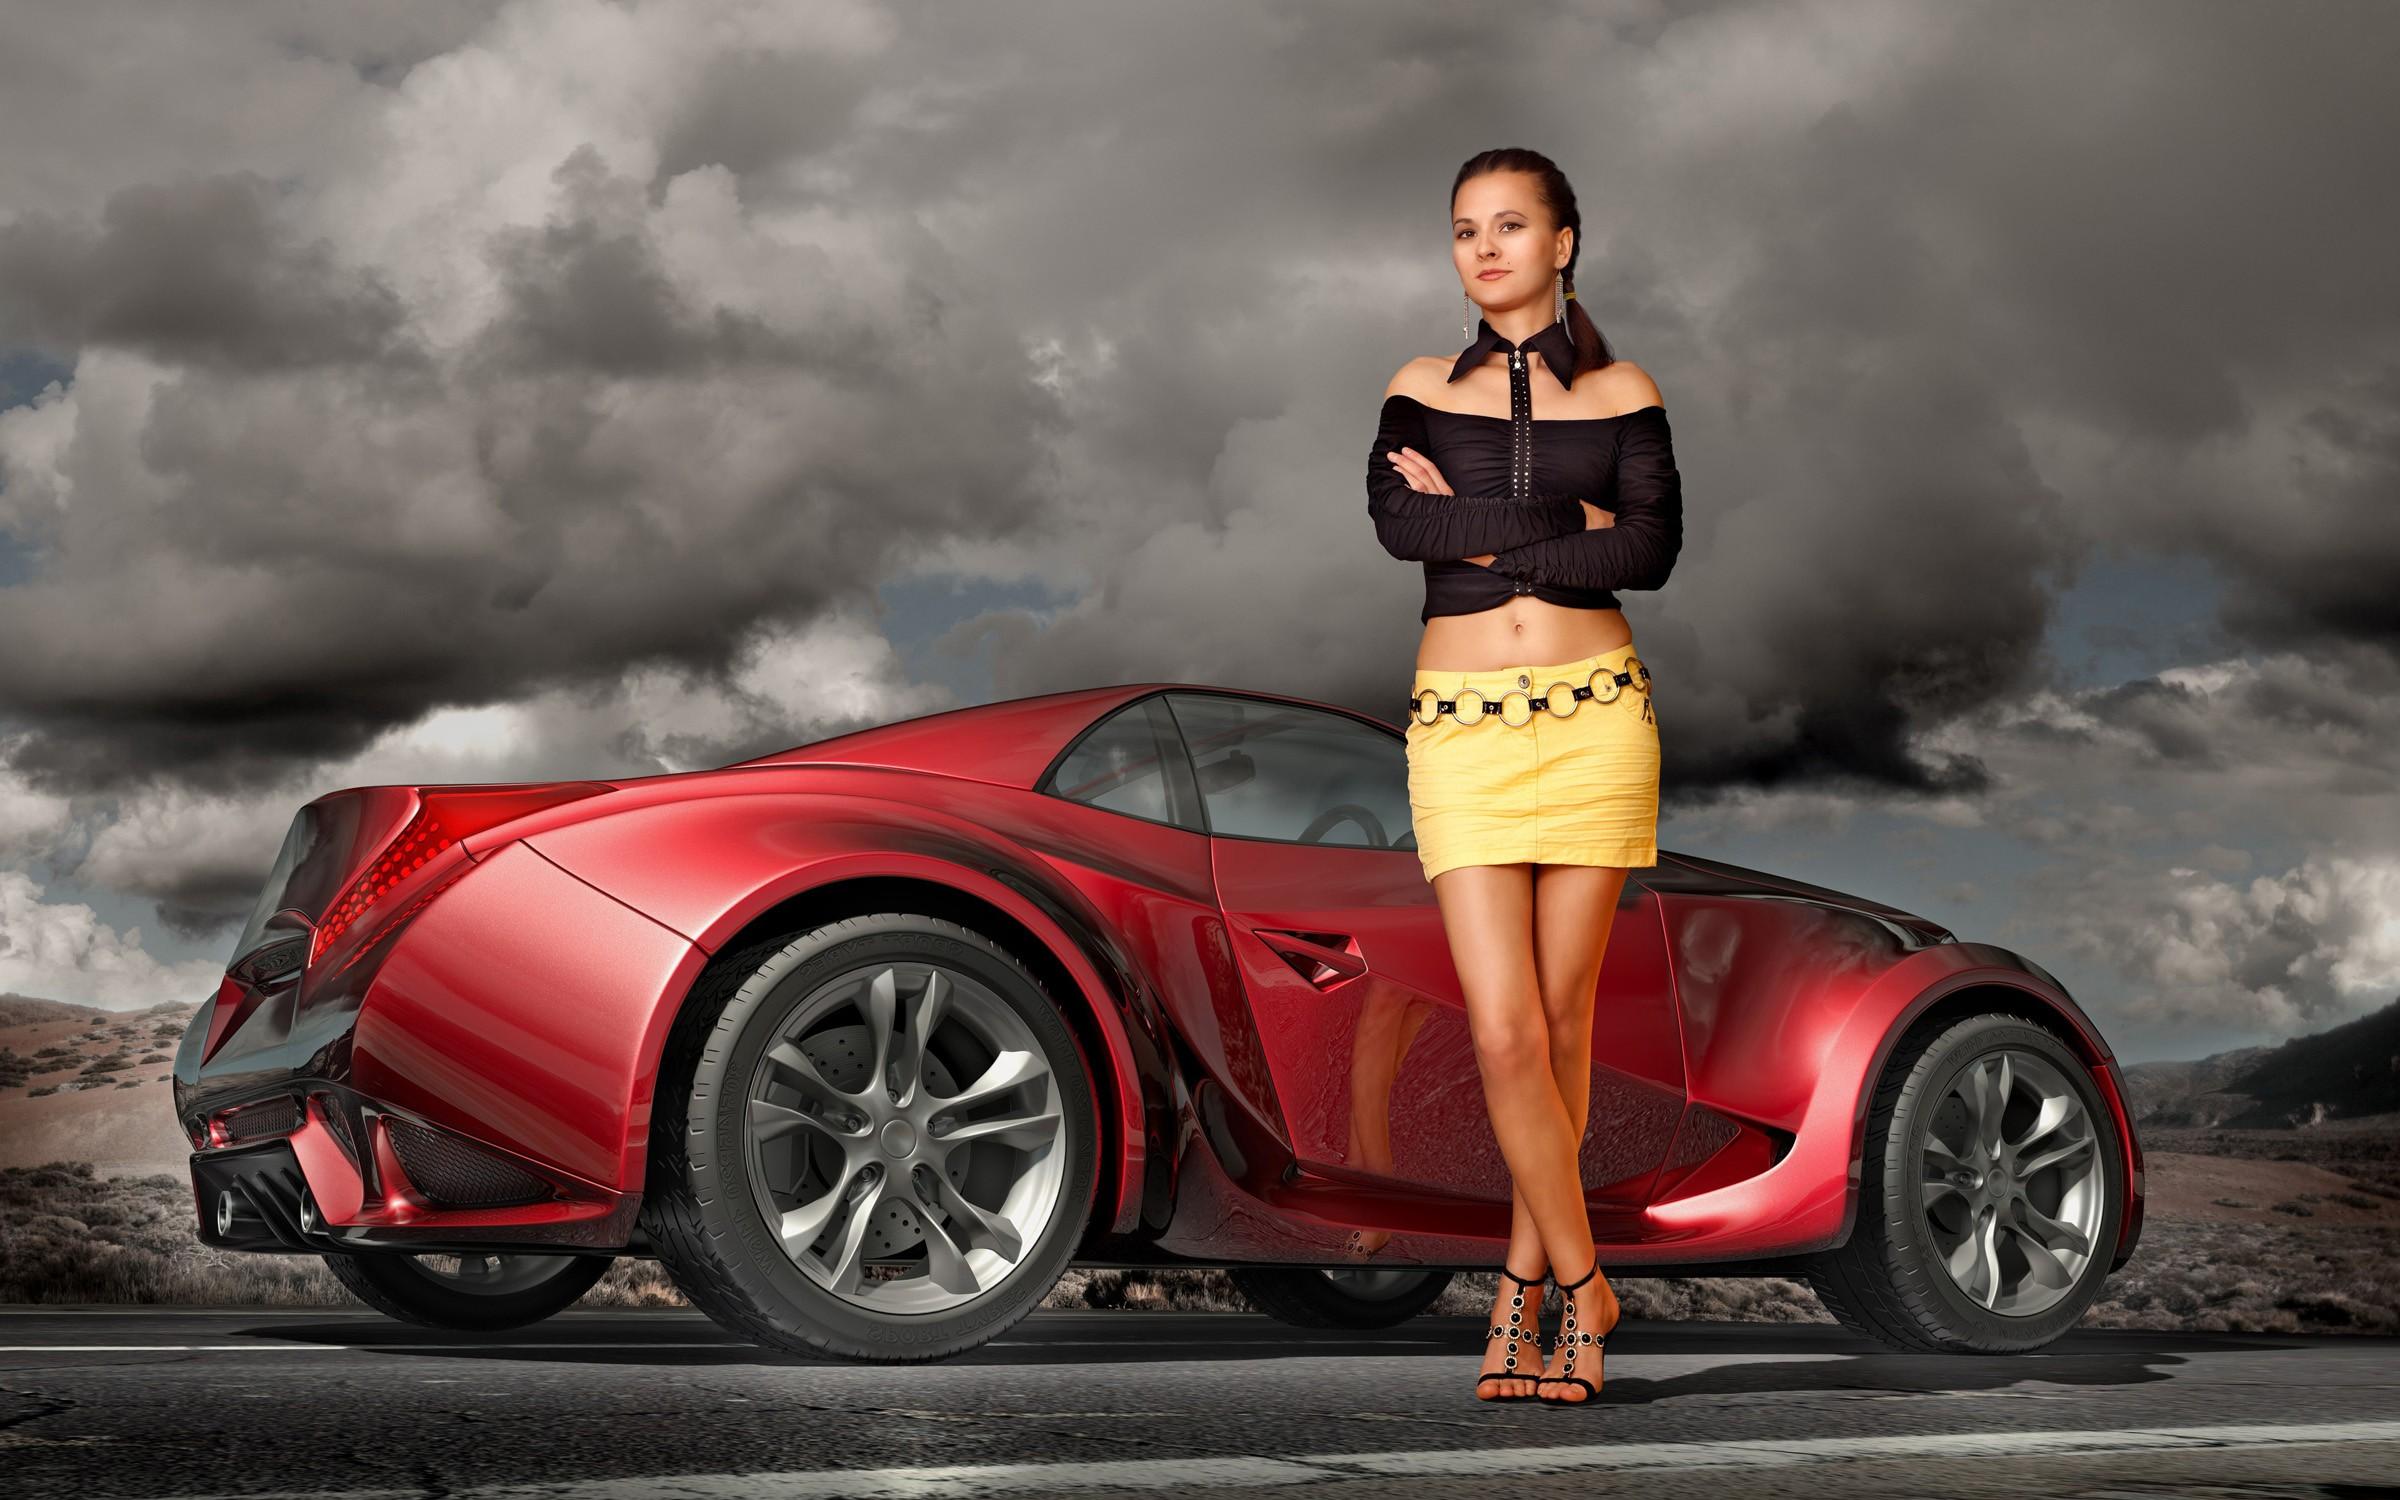 Una chica y un auto 3D - 2400x1500